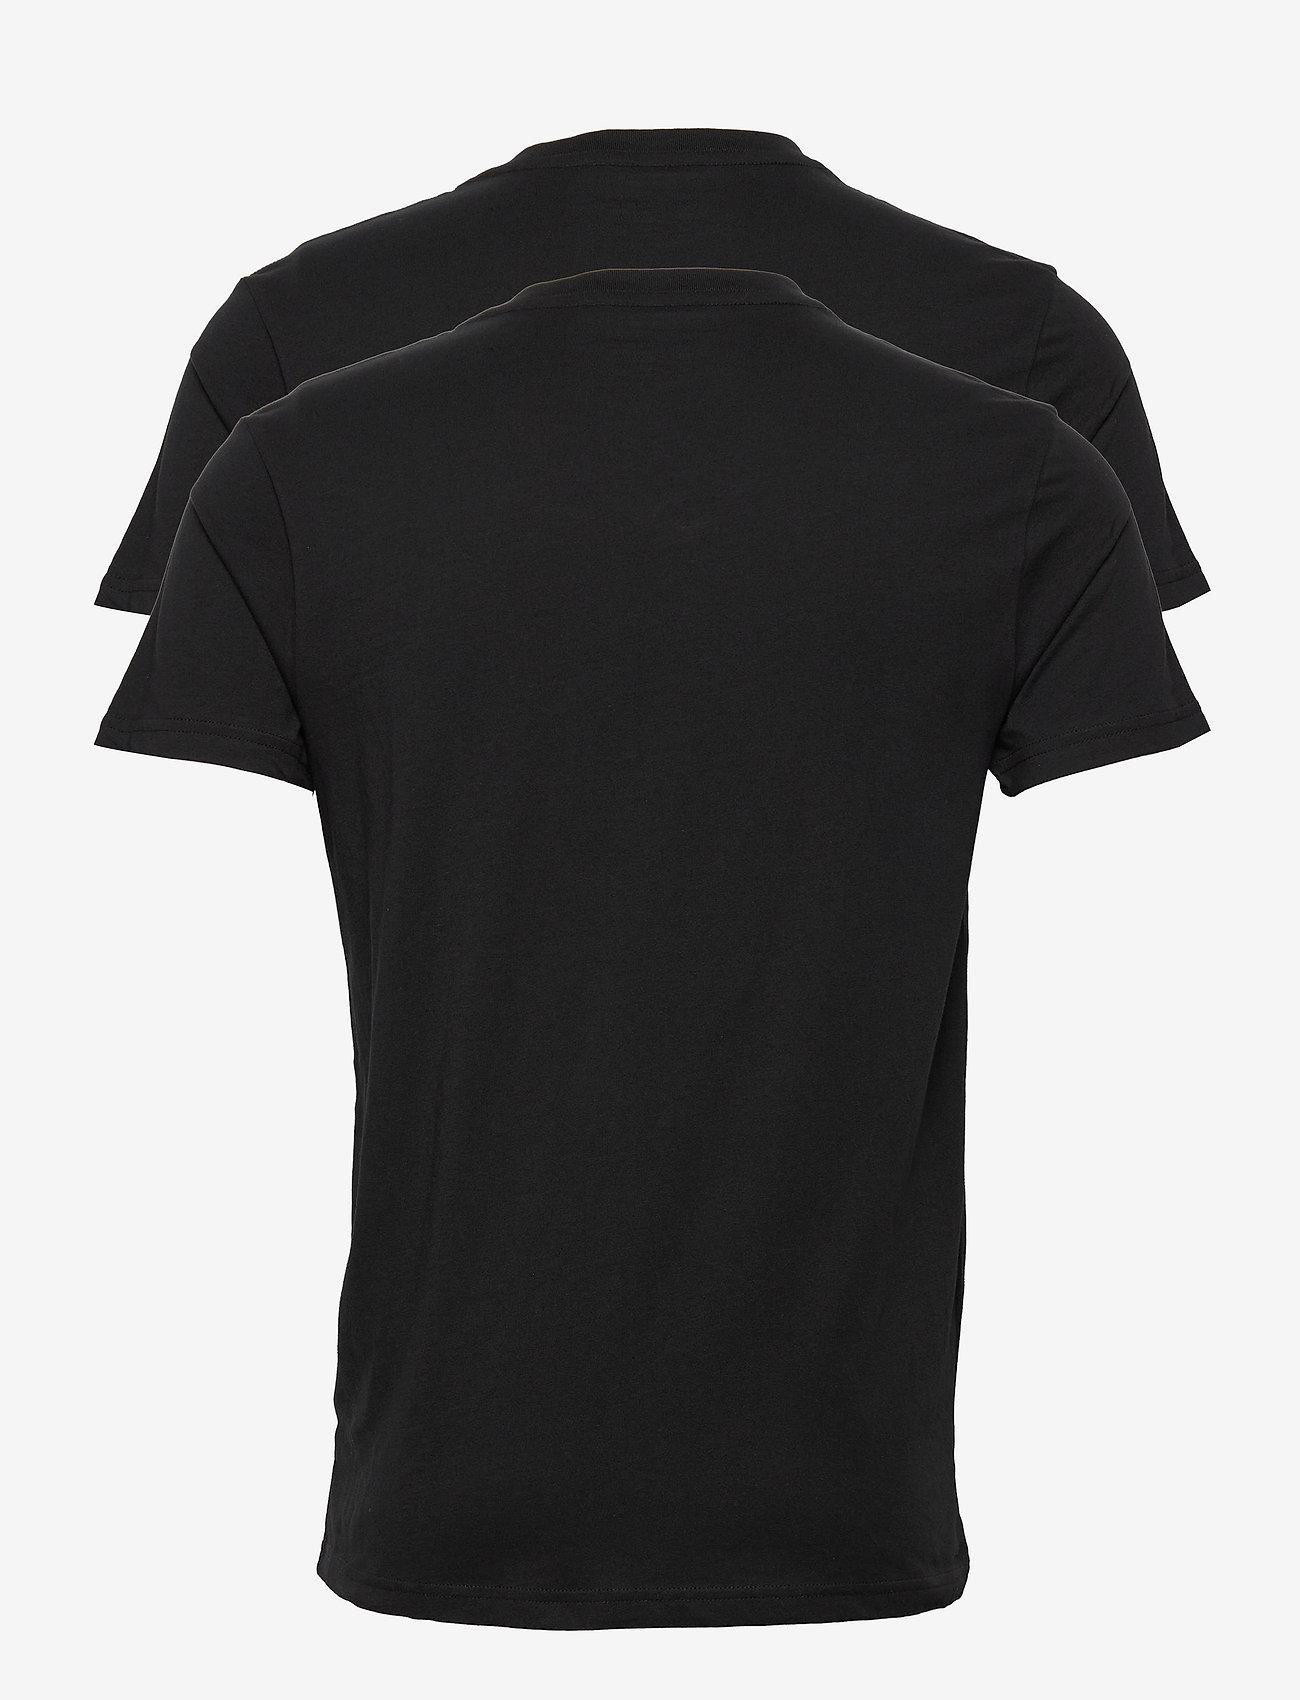 Lee Jeans - 2-PACK V NECK - basic t-shirts - black - 1